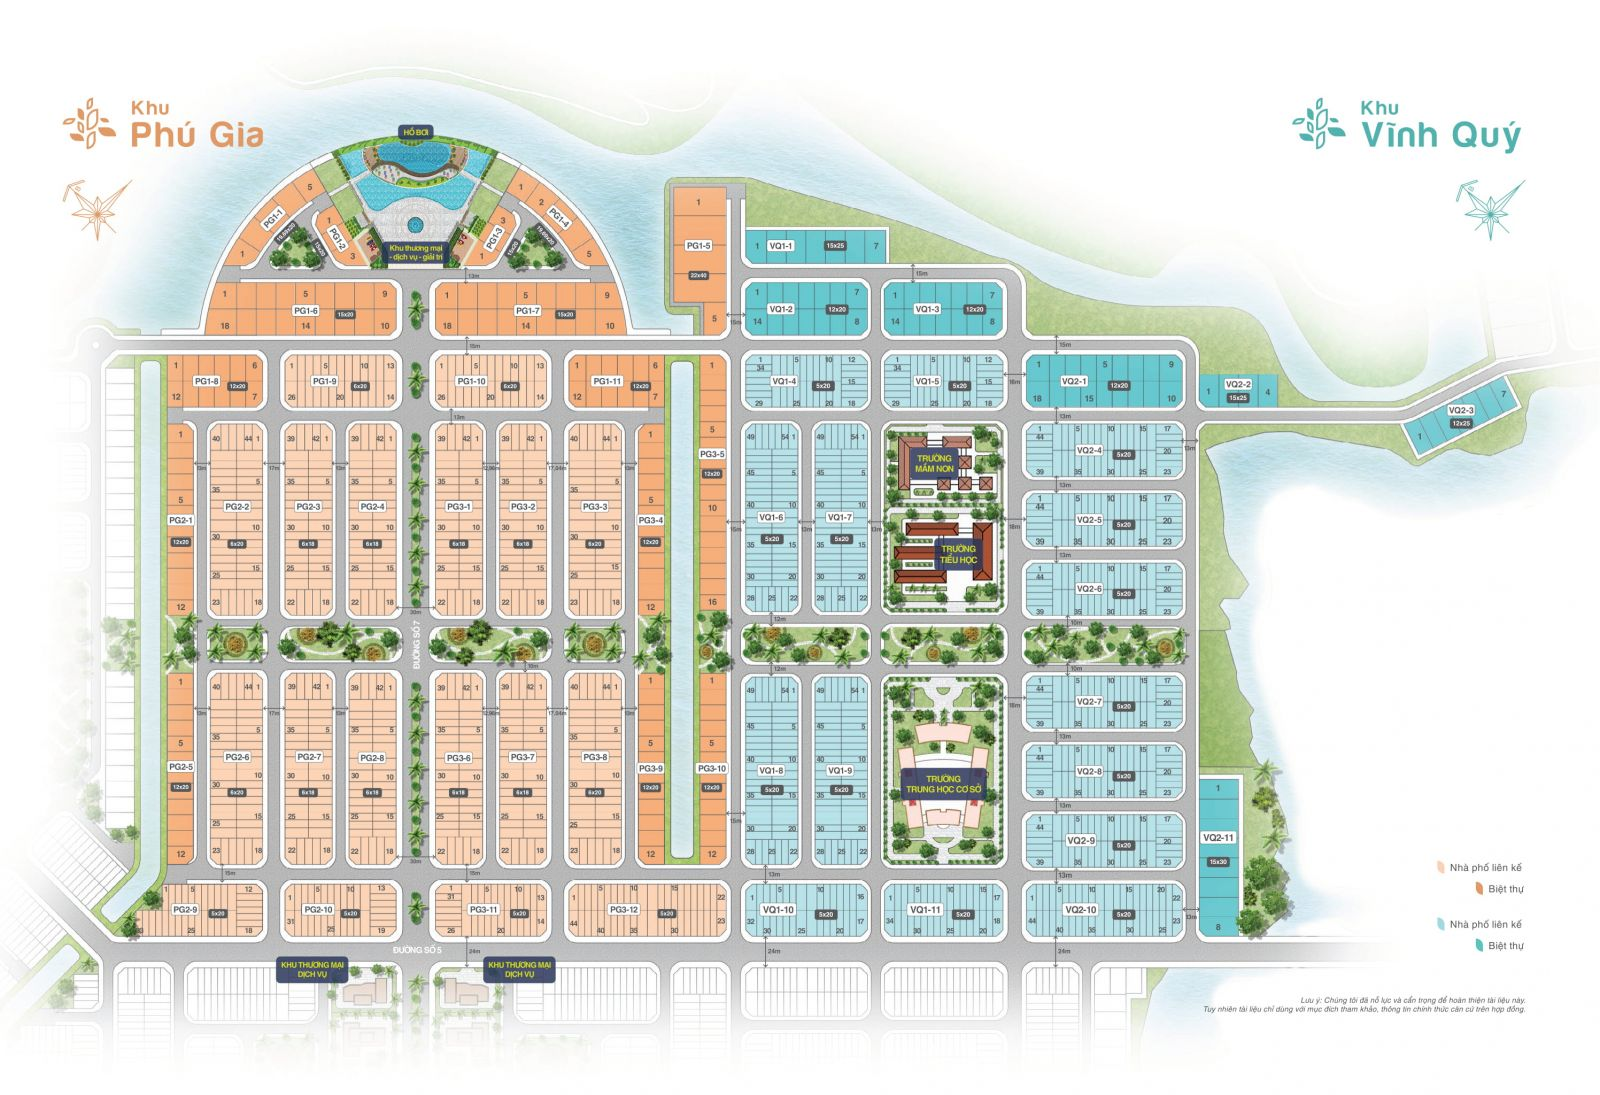 Mặt bằng Khu Phú Gia Biên Hòa New City